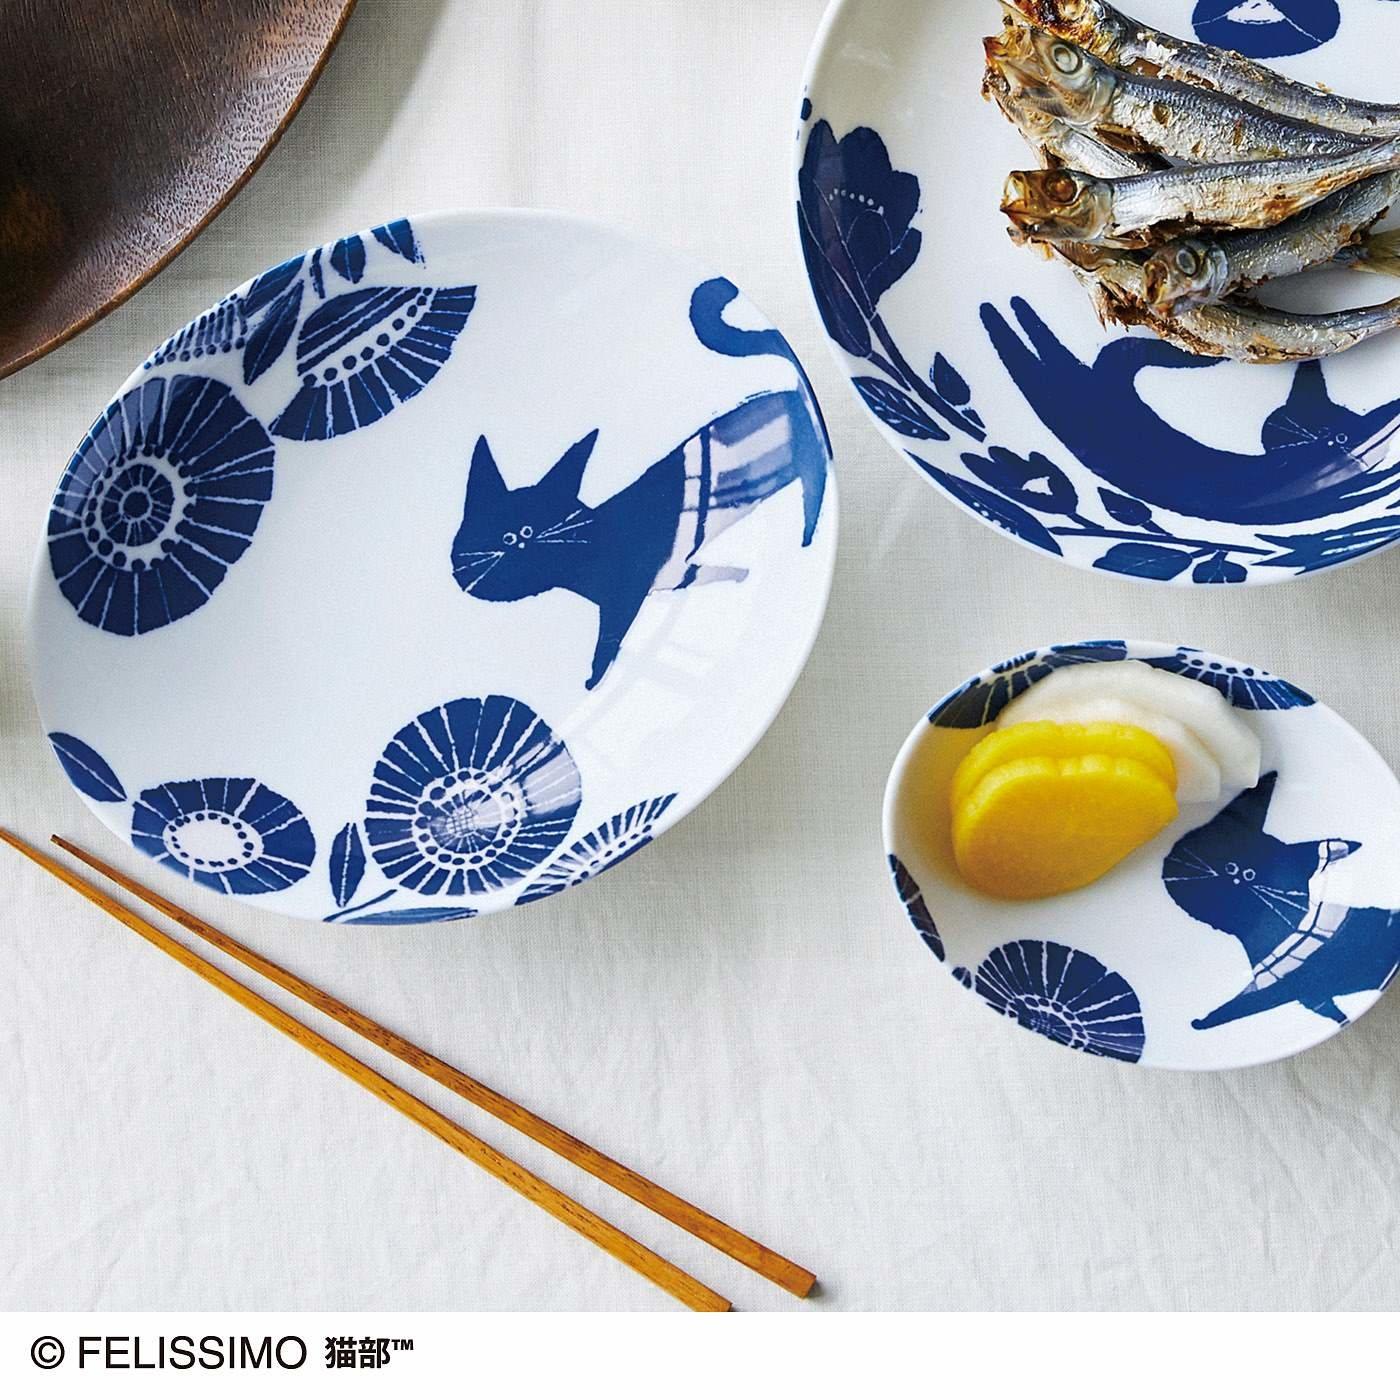 猫部×coco.a 和柄猫お皿セット さんぽ道〈深皿〉の会